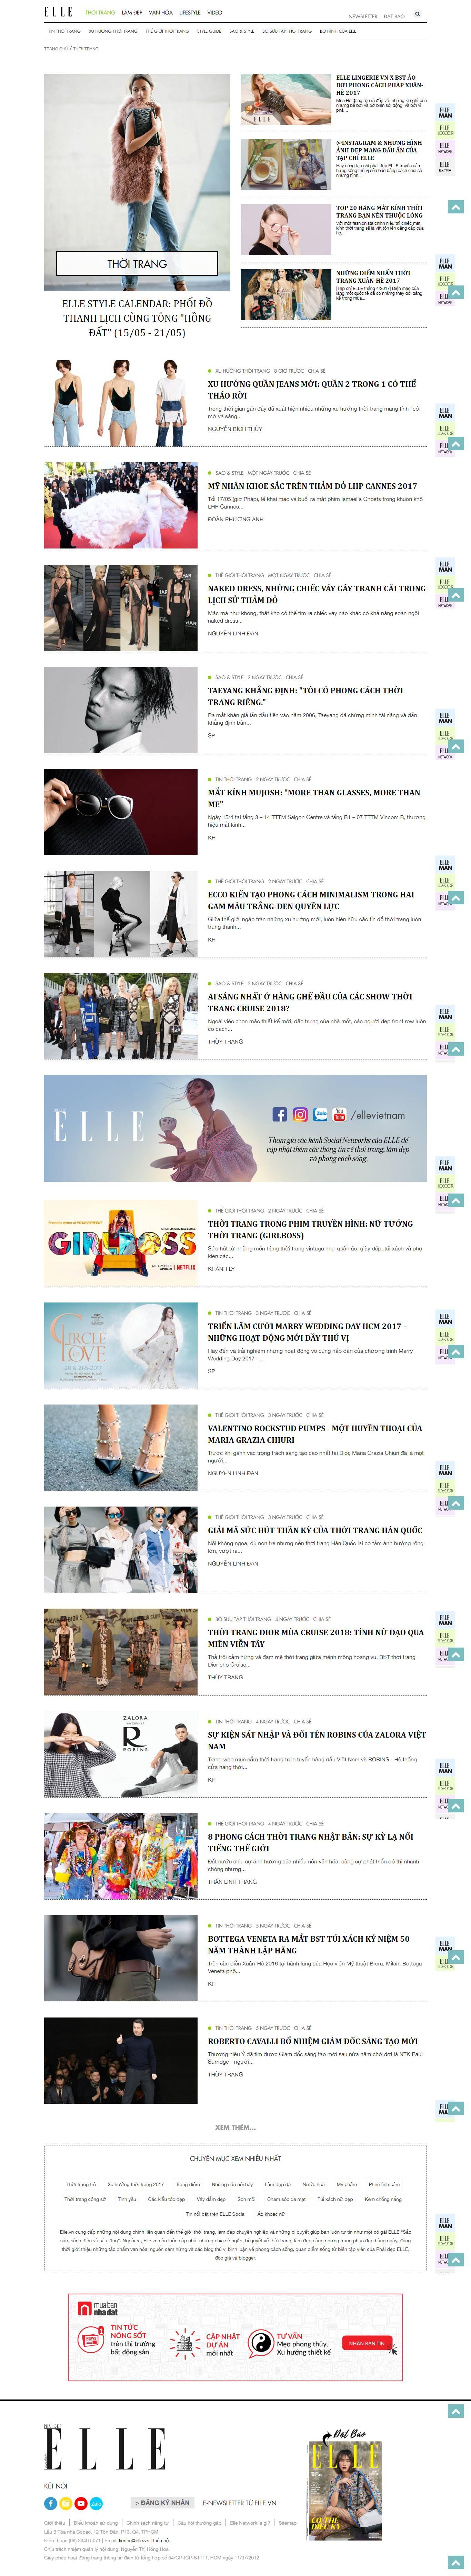 Thiết kế website thời trang, quần áo Elle đẹp SEO nhanh hiệu quả